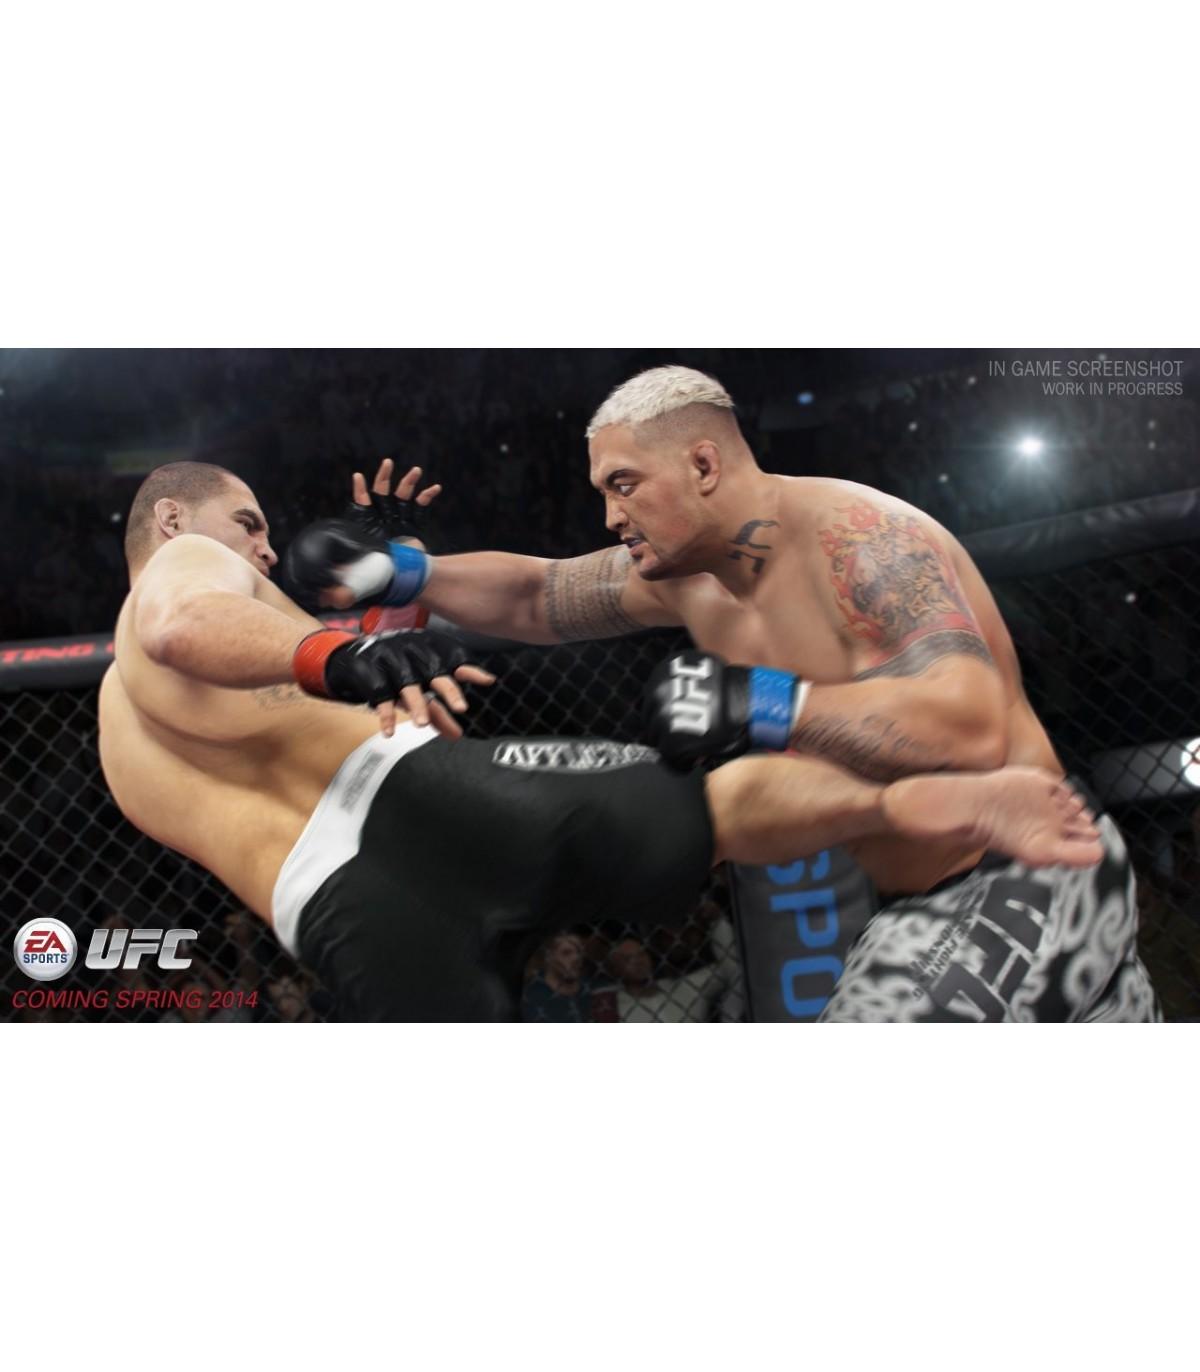 بازی UFC کارکرده